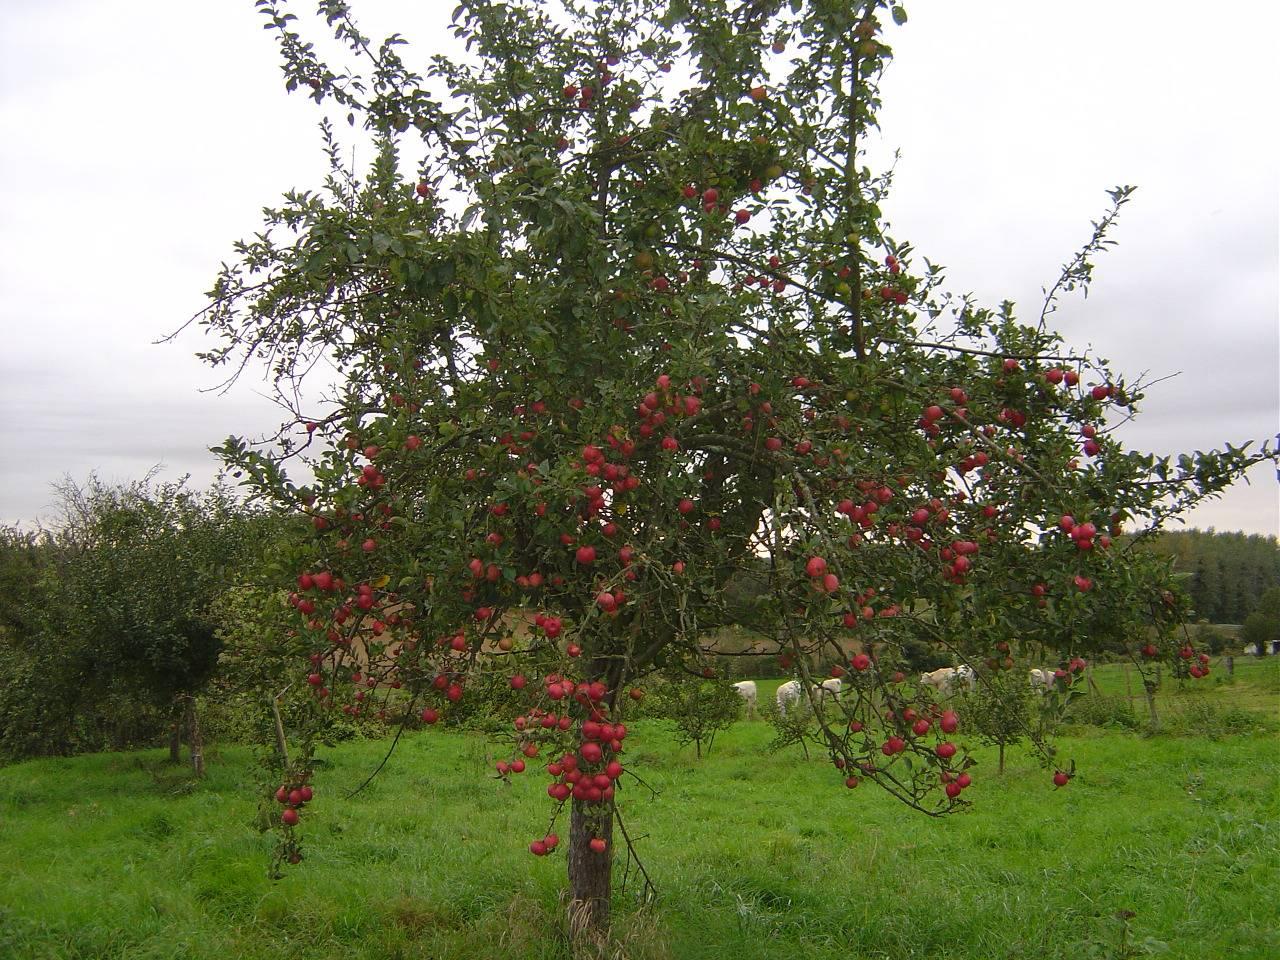 Mon arbre le de vivre le douaire tout savoir sur le pommier malus communis conseils - L arbre le pommier ...